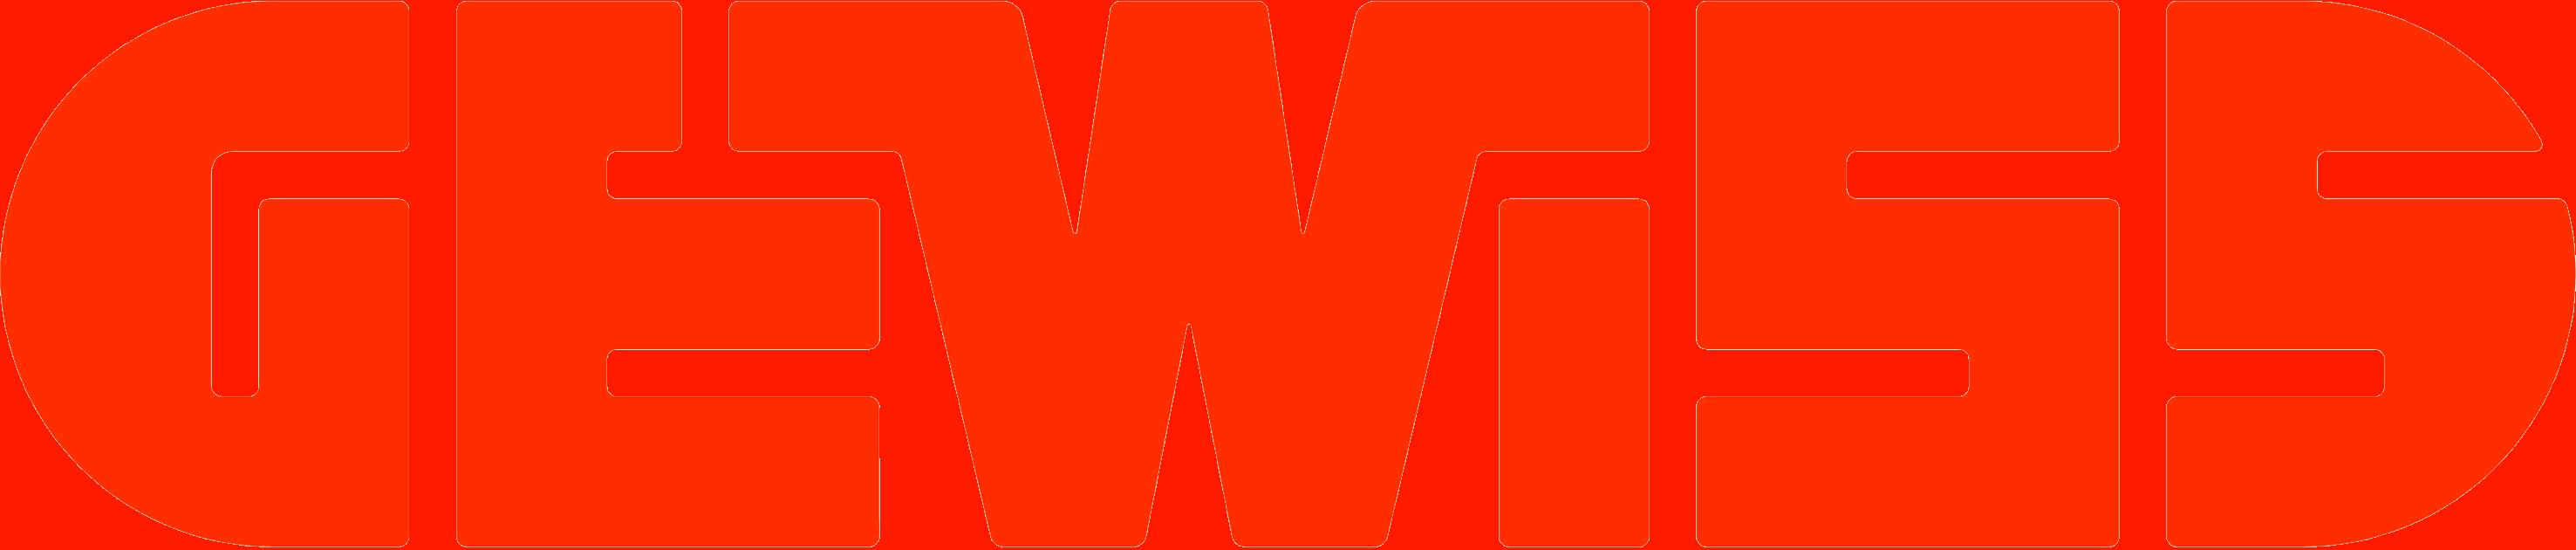 https://upload.wikimedia.org/wikipedia/it/b/b5/Logo_Gewiss.png